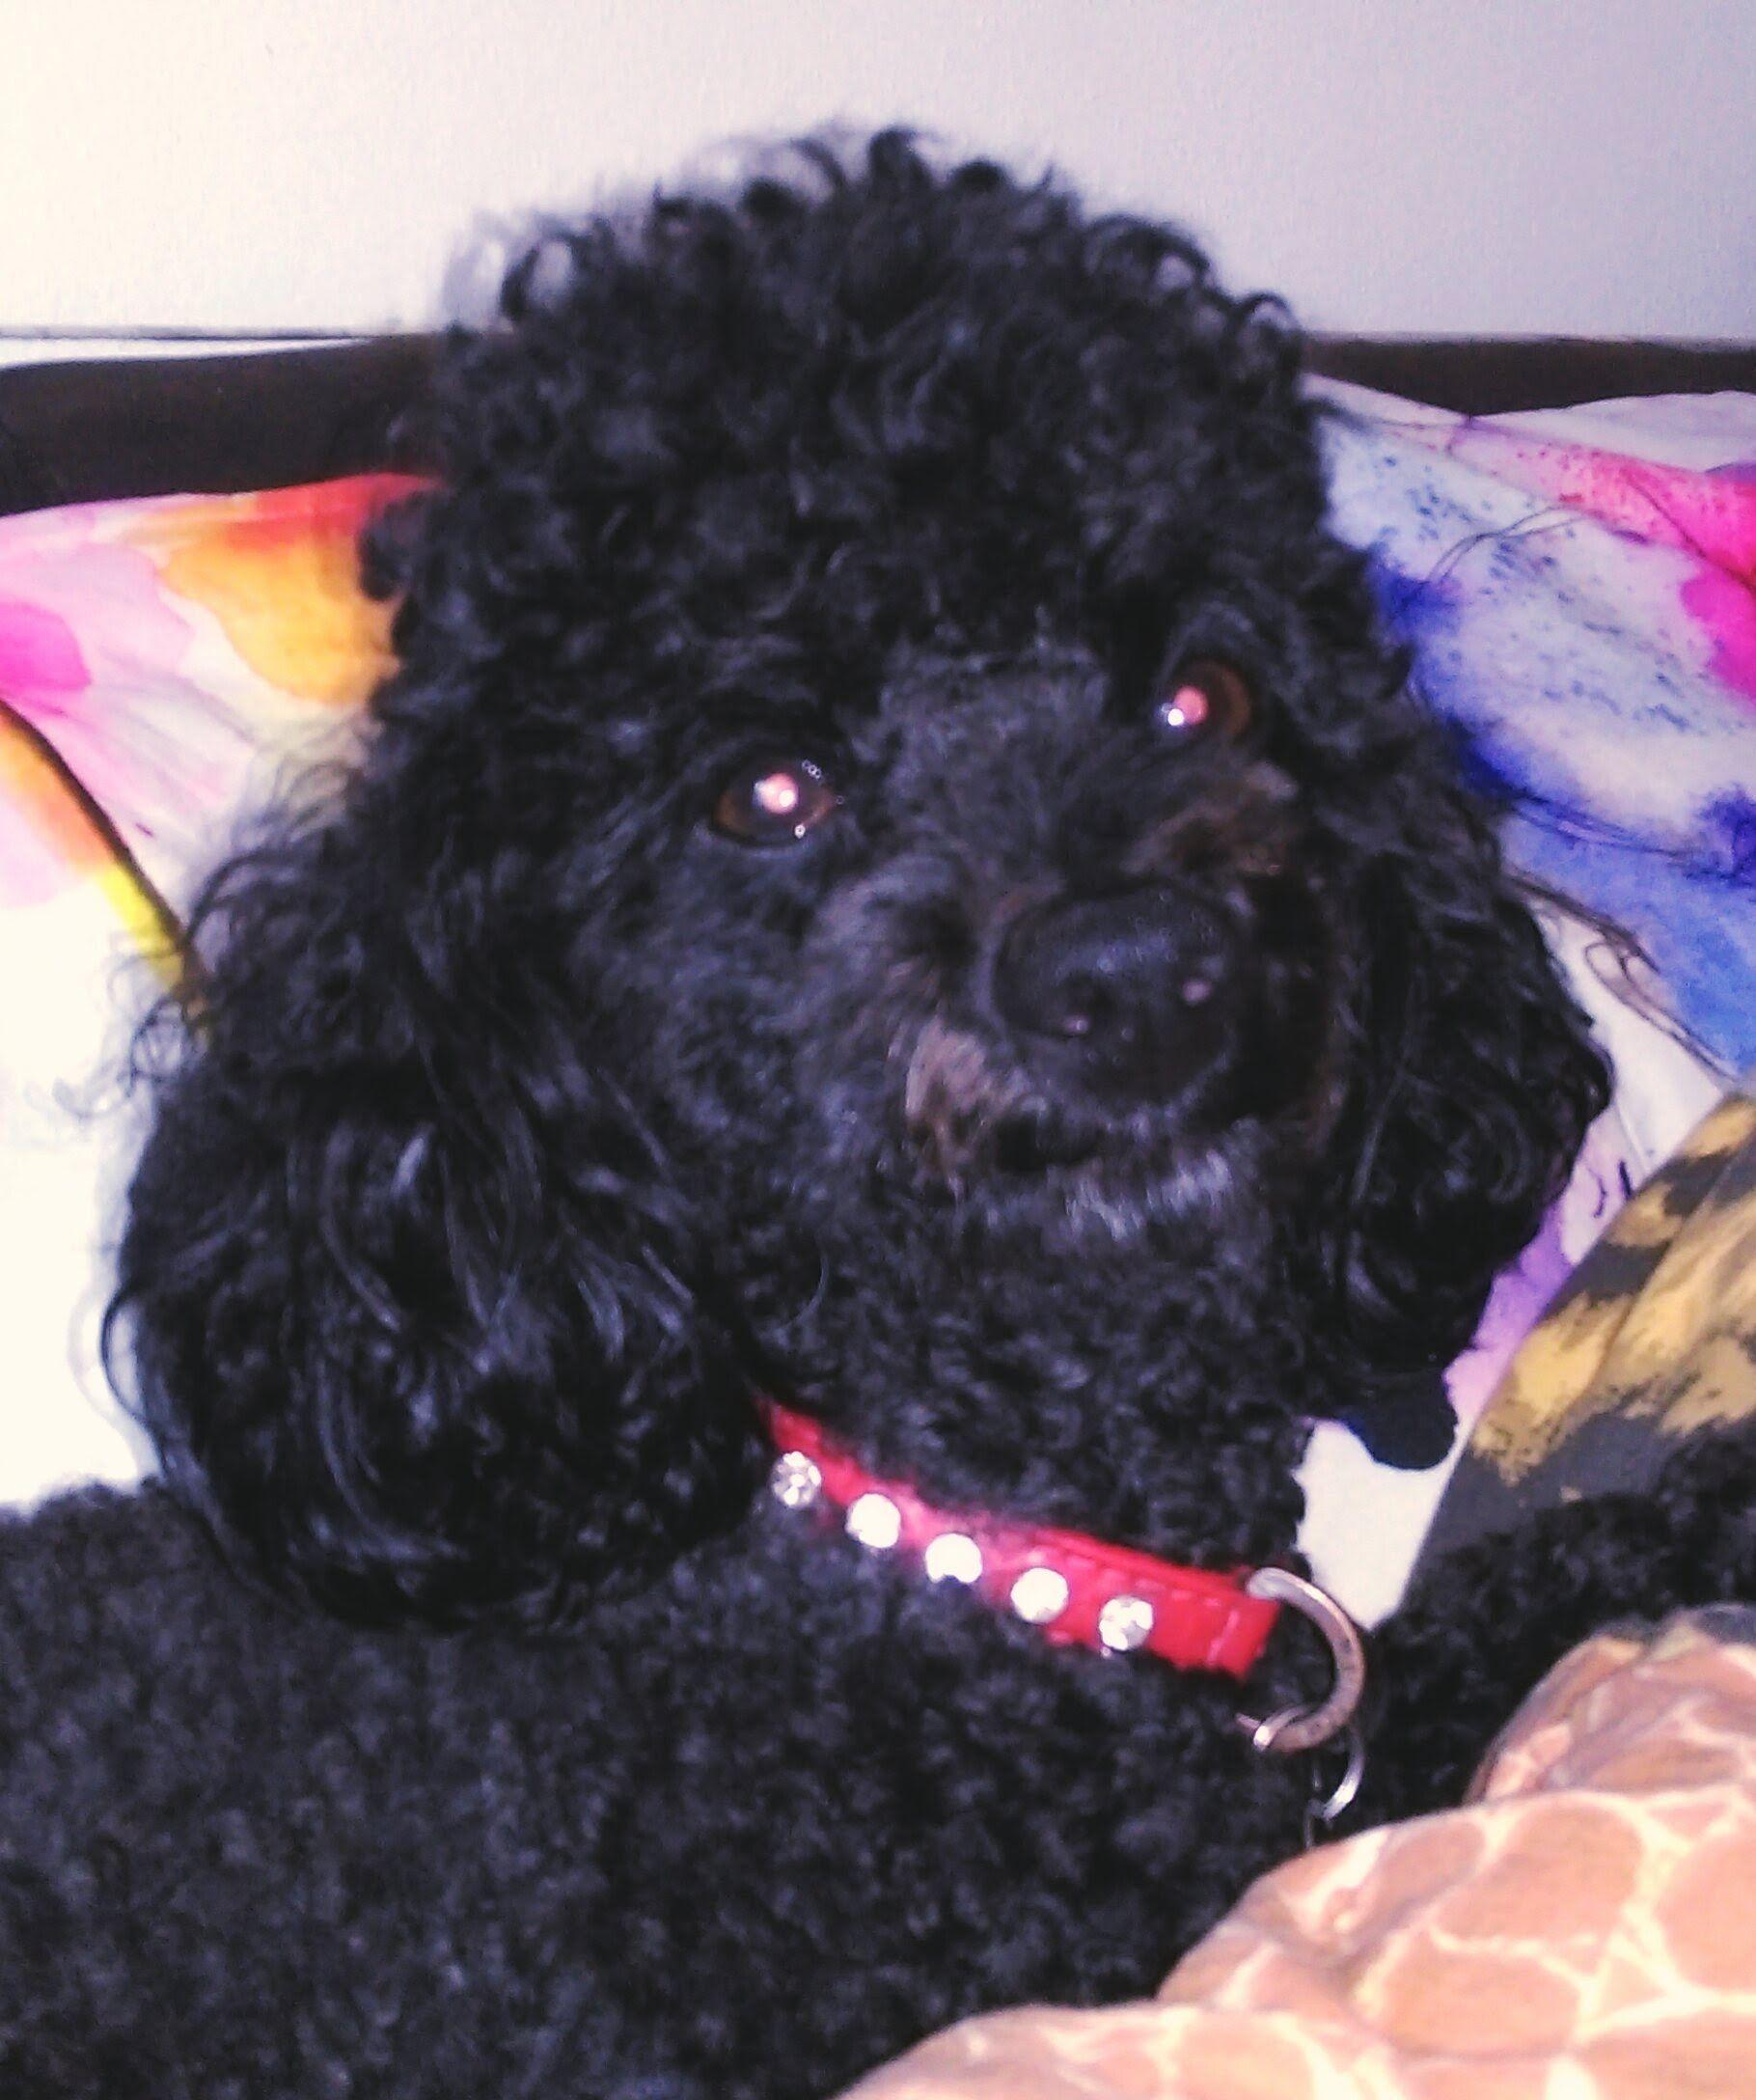 Hunde Foto: Christina und Speedy - Hund des Tages Hier Dein Bild hochladen: http://ichliebehunde.com/hund-des-tages  #hund #hunde #hundebild #hundebilder #dog #dogs #dogfun  #dogpic #dogpictures